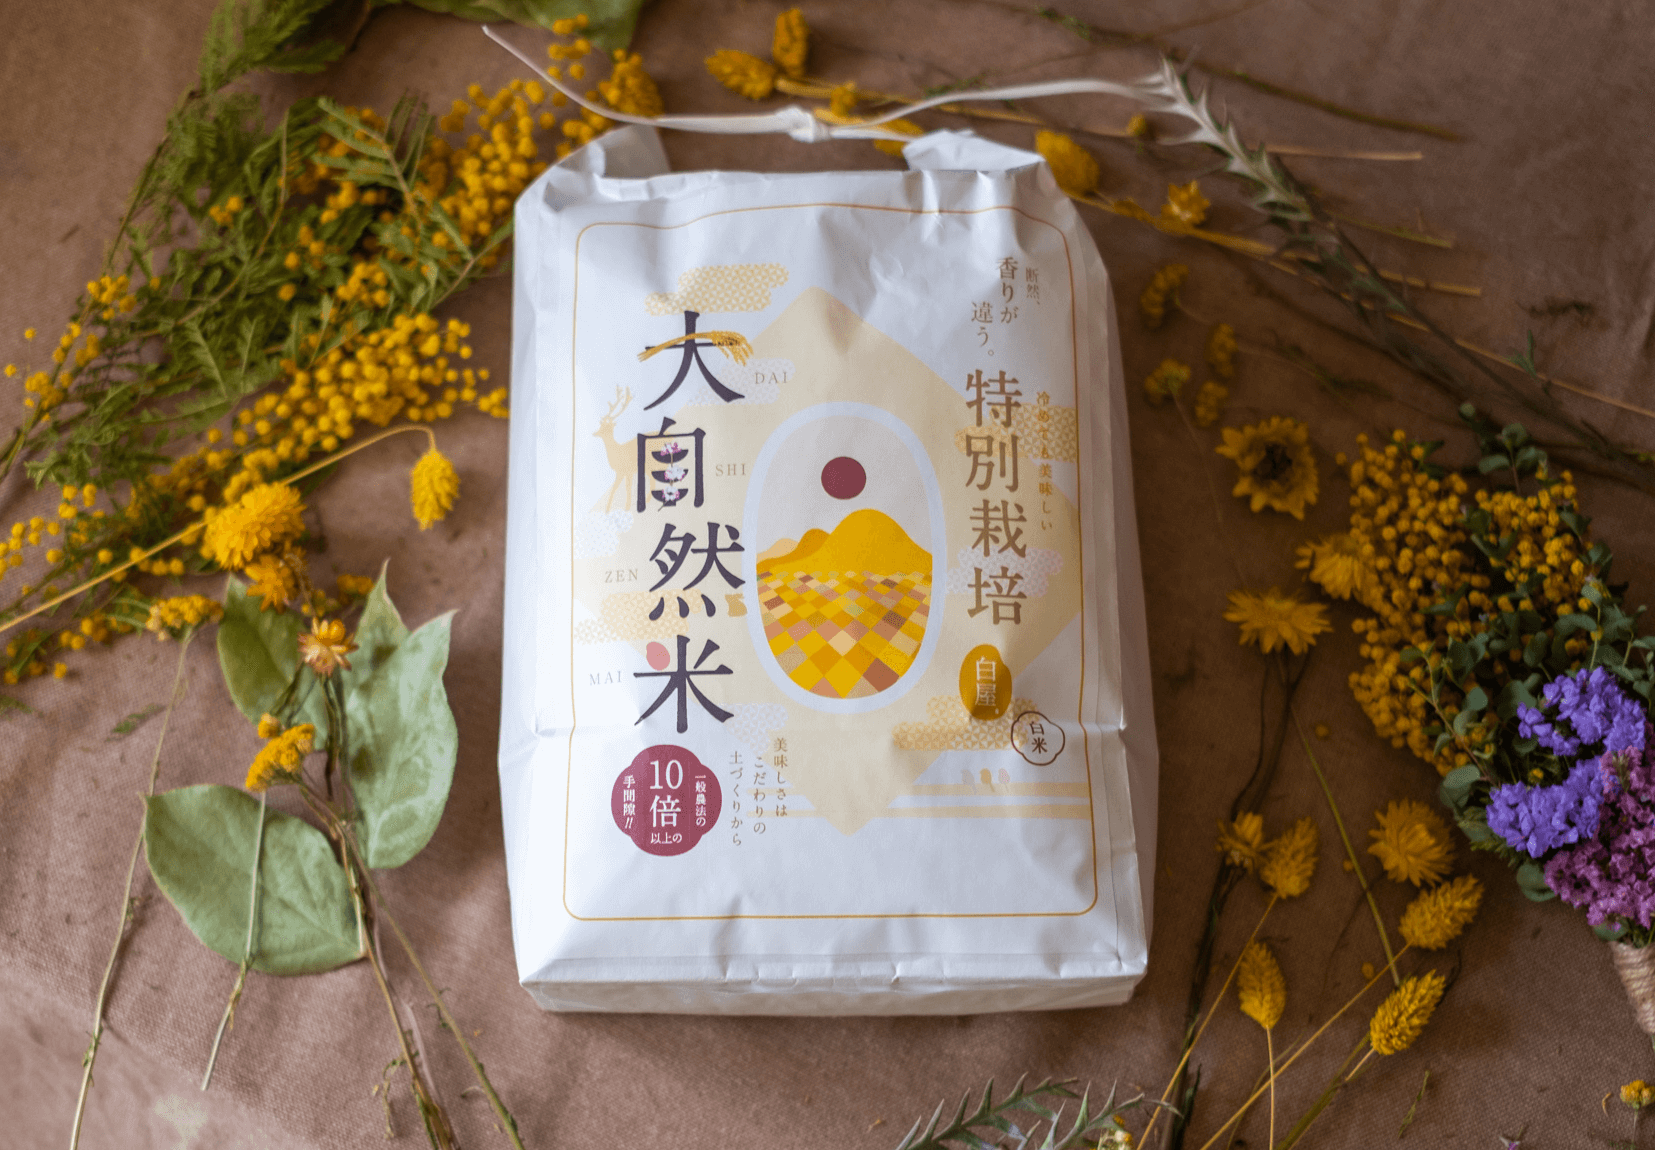 美味しい特別栽培米<br/>「白屋.の大自然米」<br/> 購入はこちらから